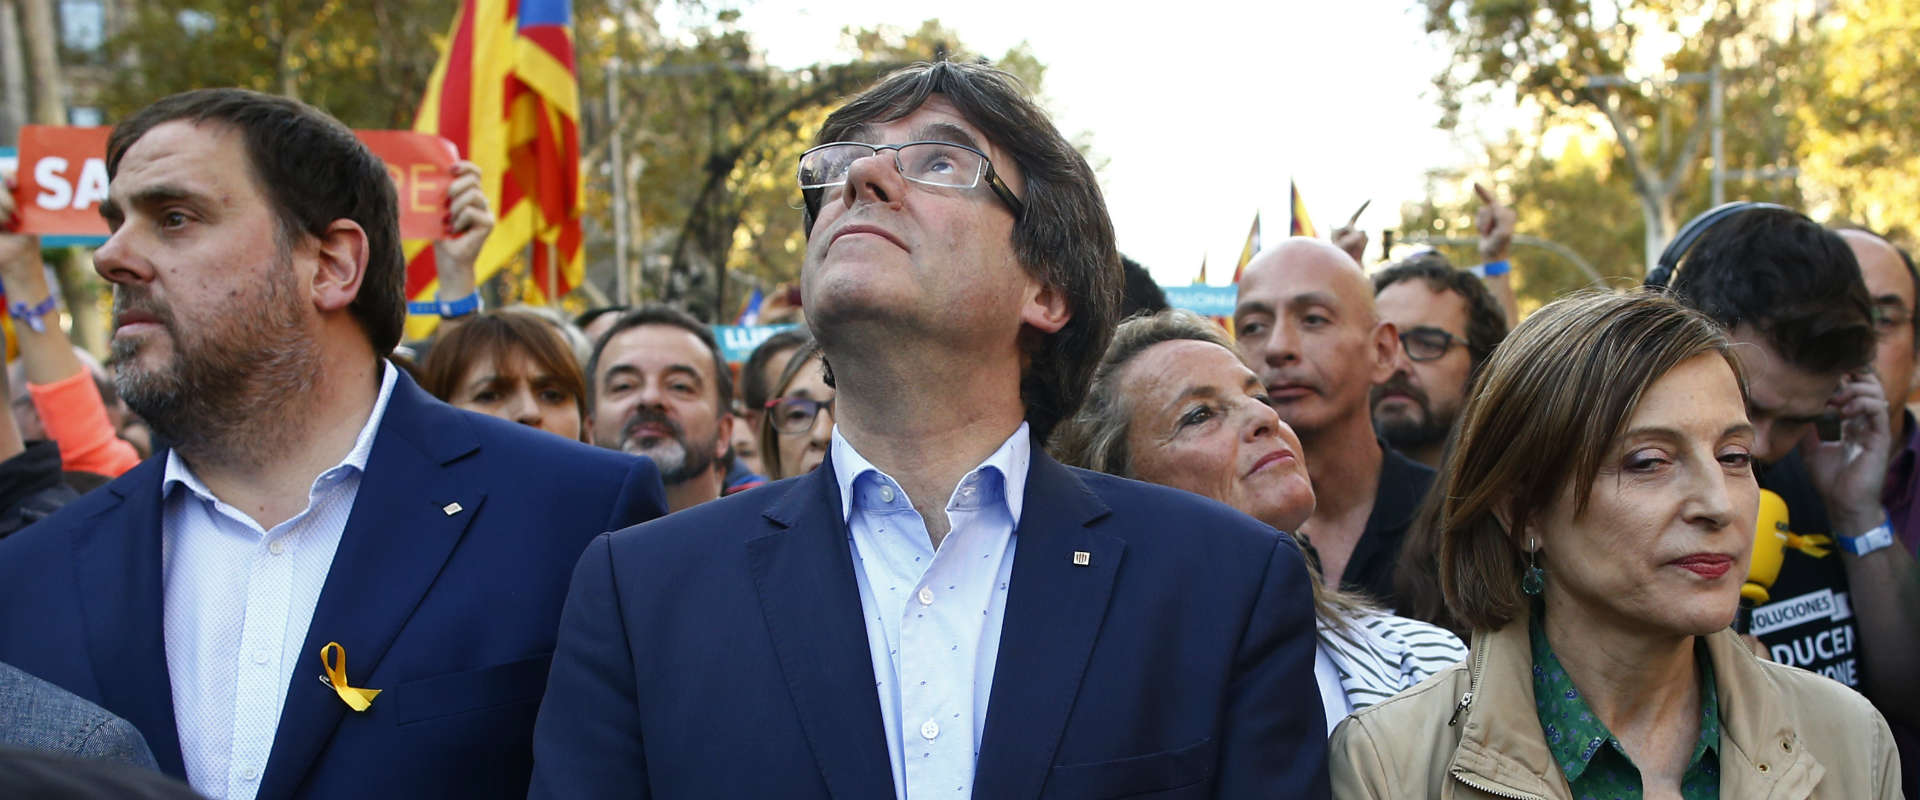 קרלס פוג'דמון היום בהפגנה בברצלונה